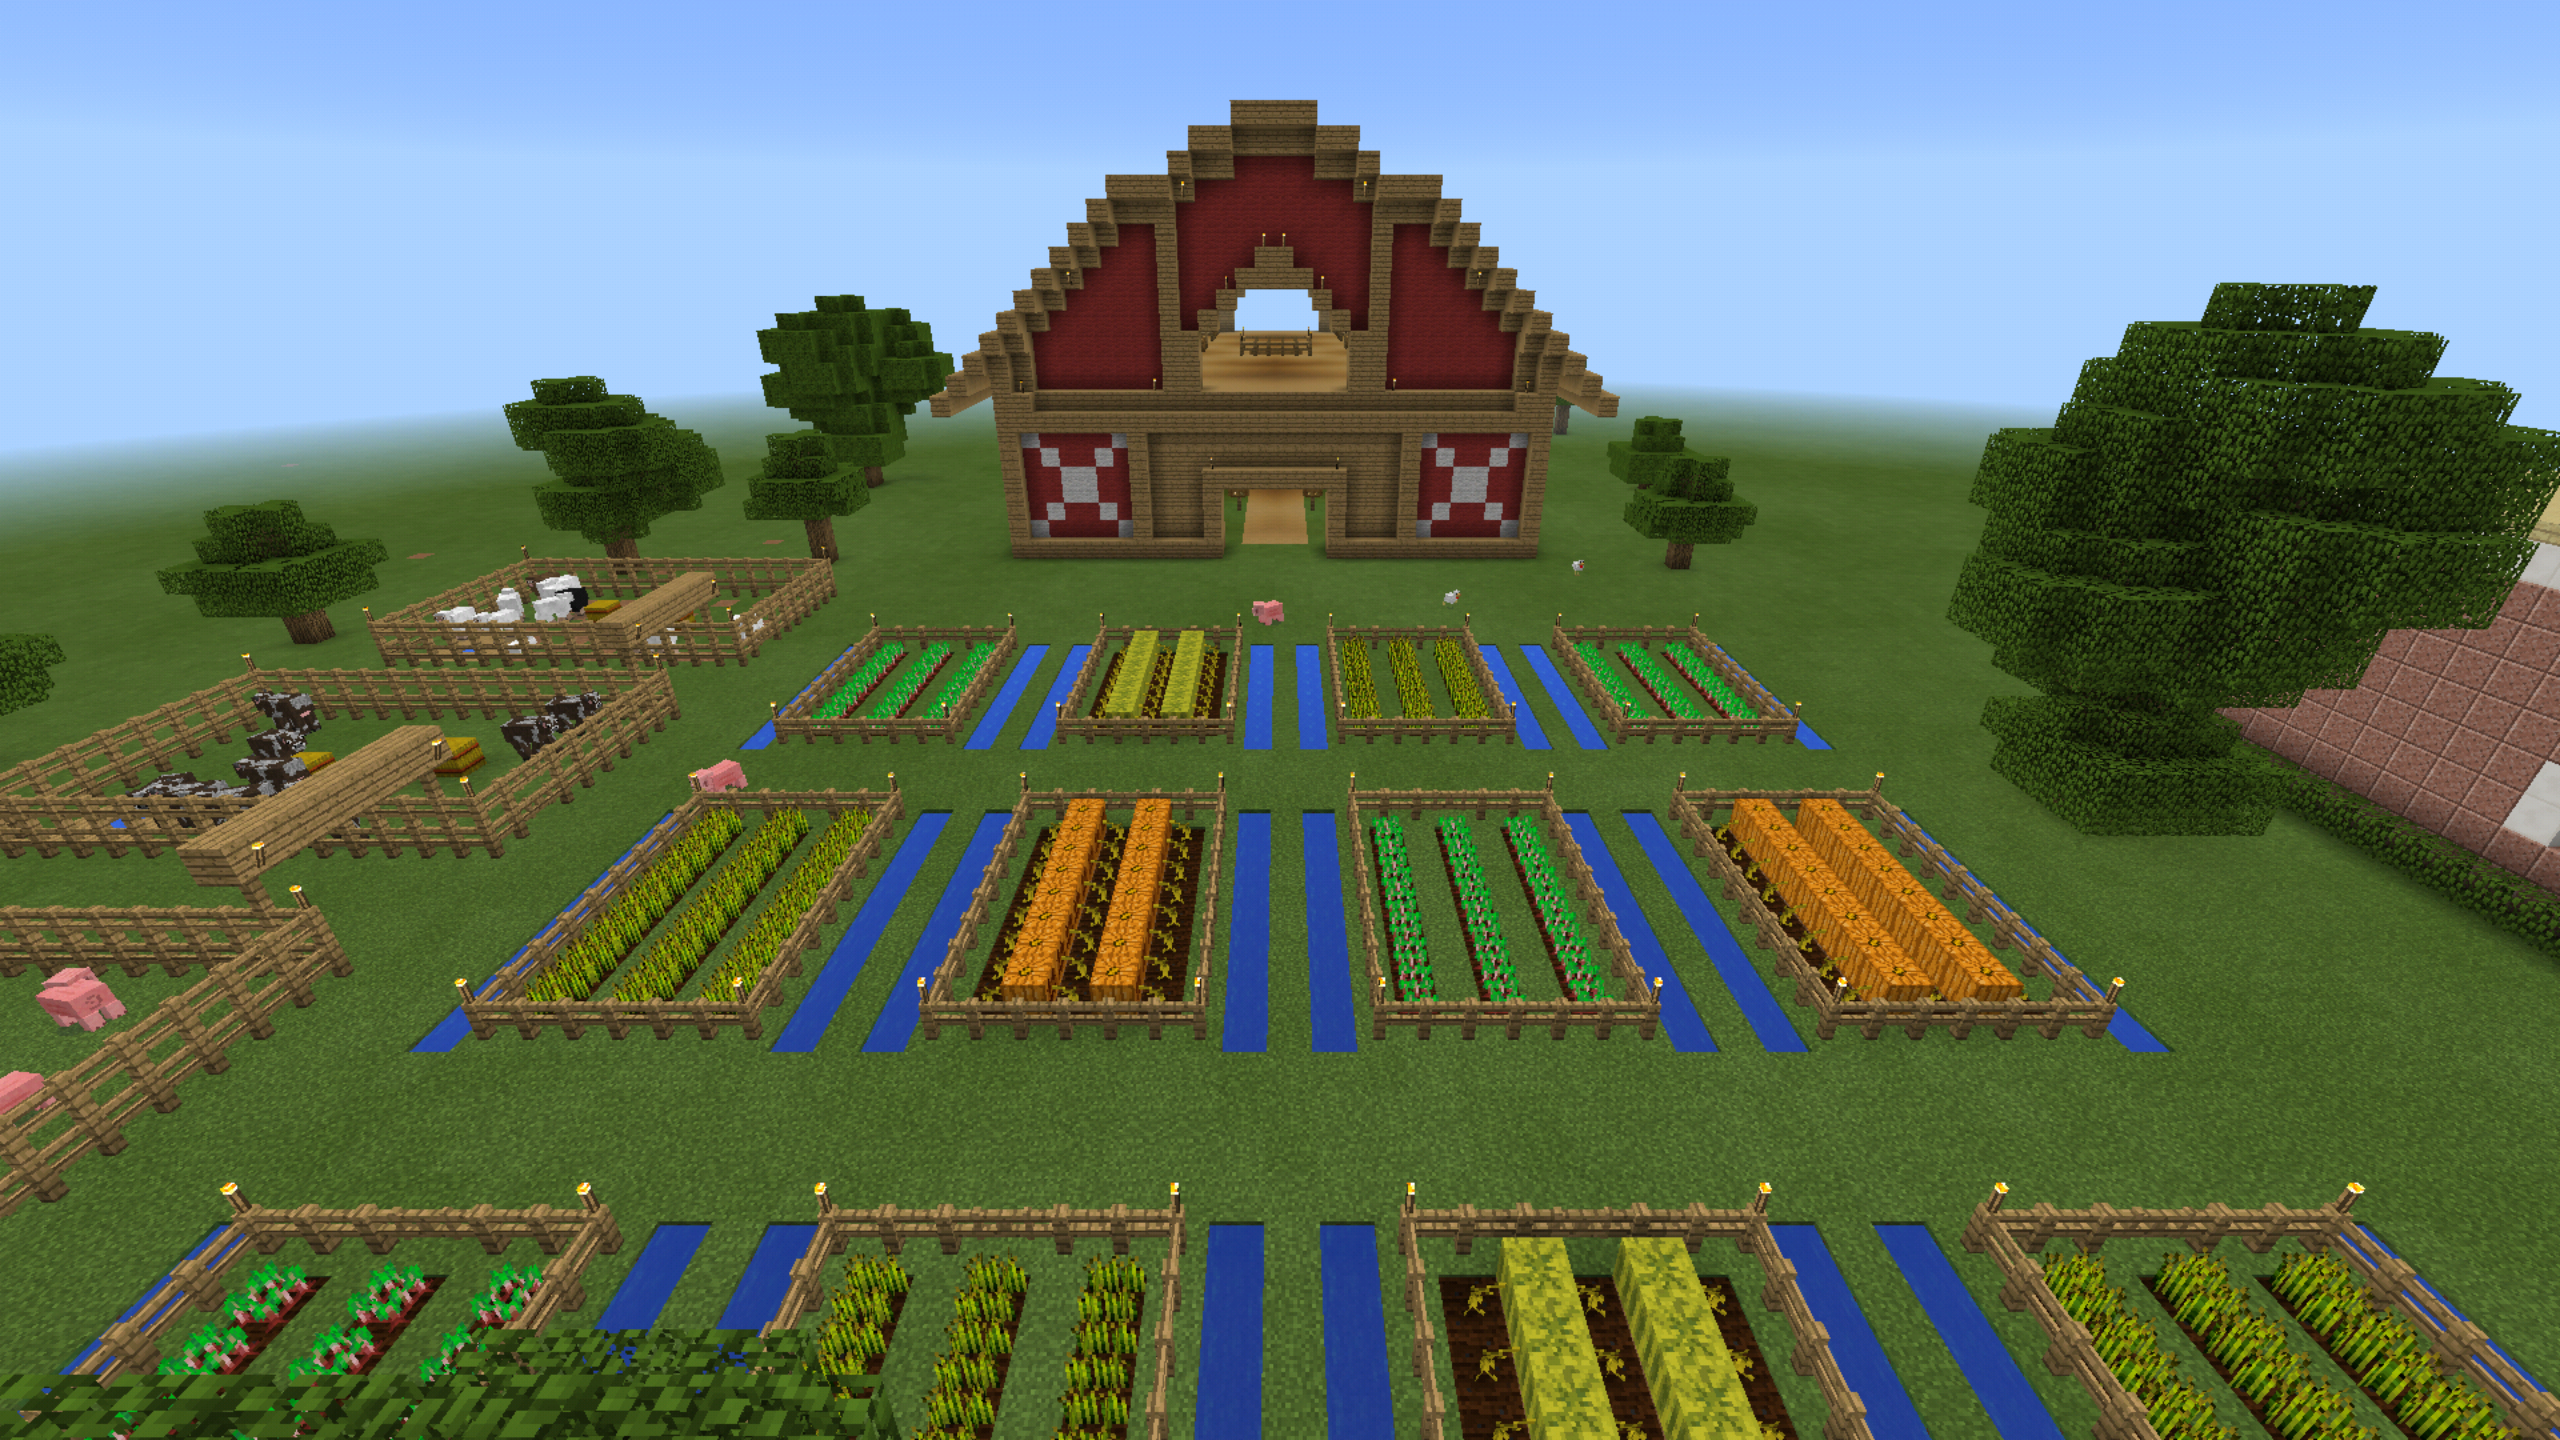 как в майнкрафте сделать ферму #3